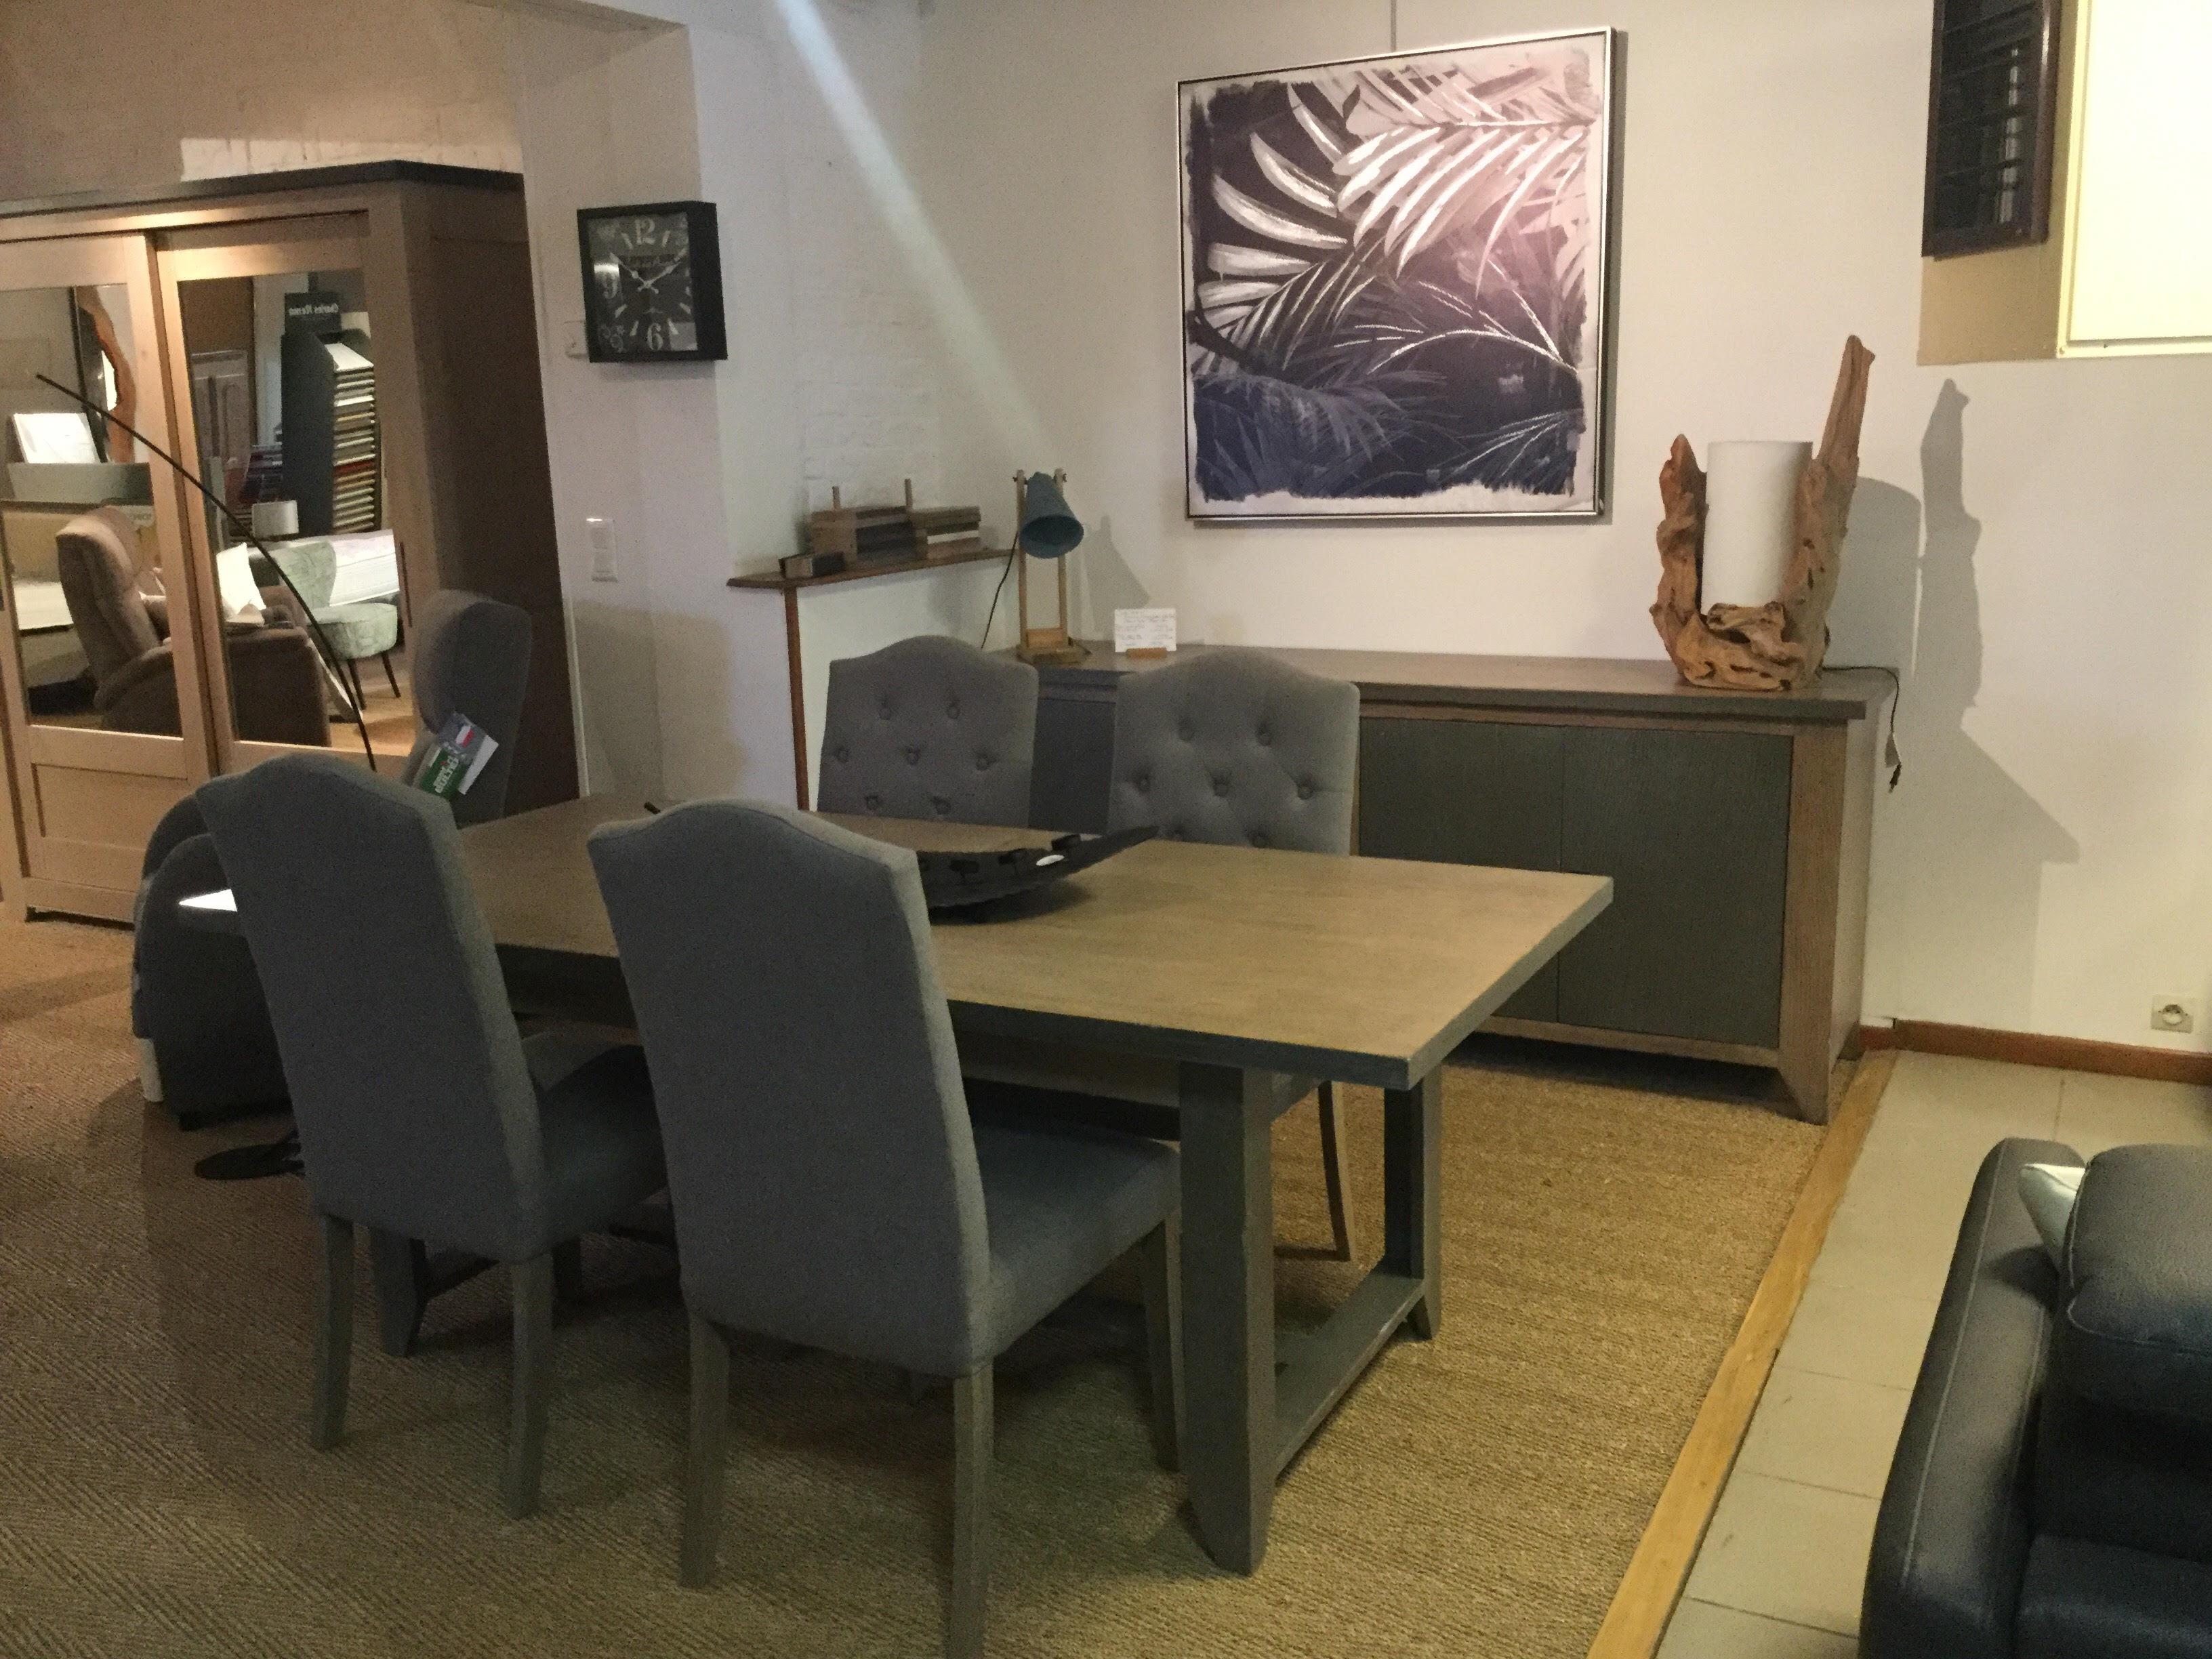 salle a manger industrielle magasin meubles gibaud salon. Black Bedroom Furniture Sets. Home Design Ideas